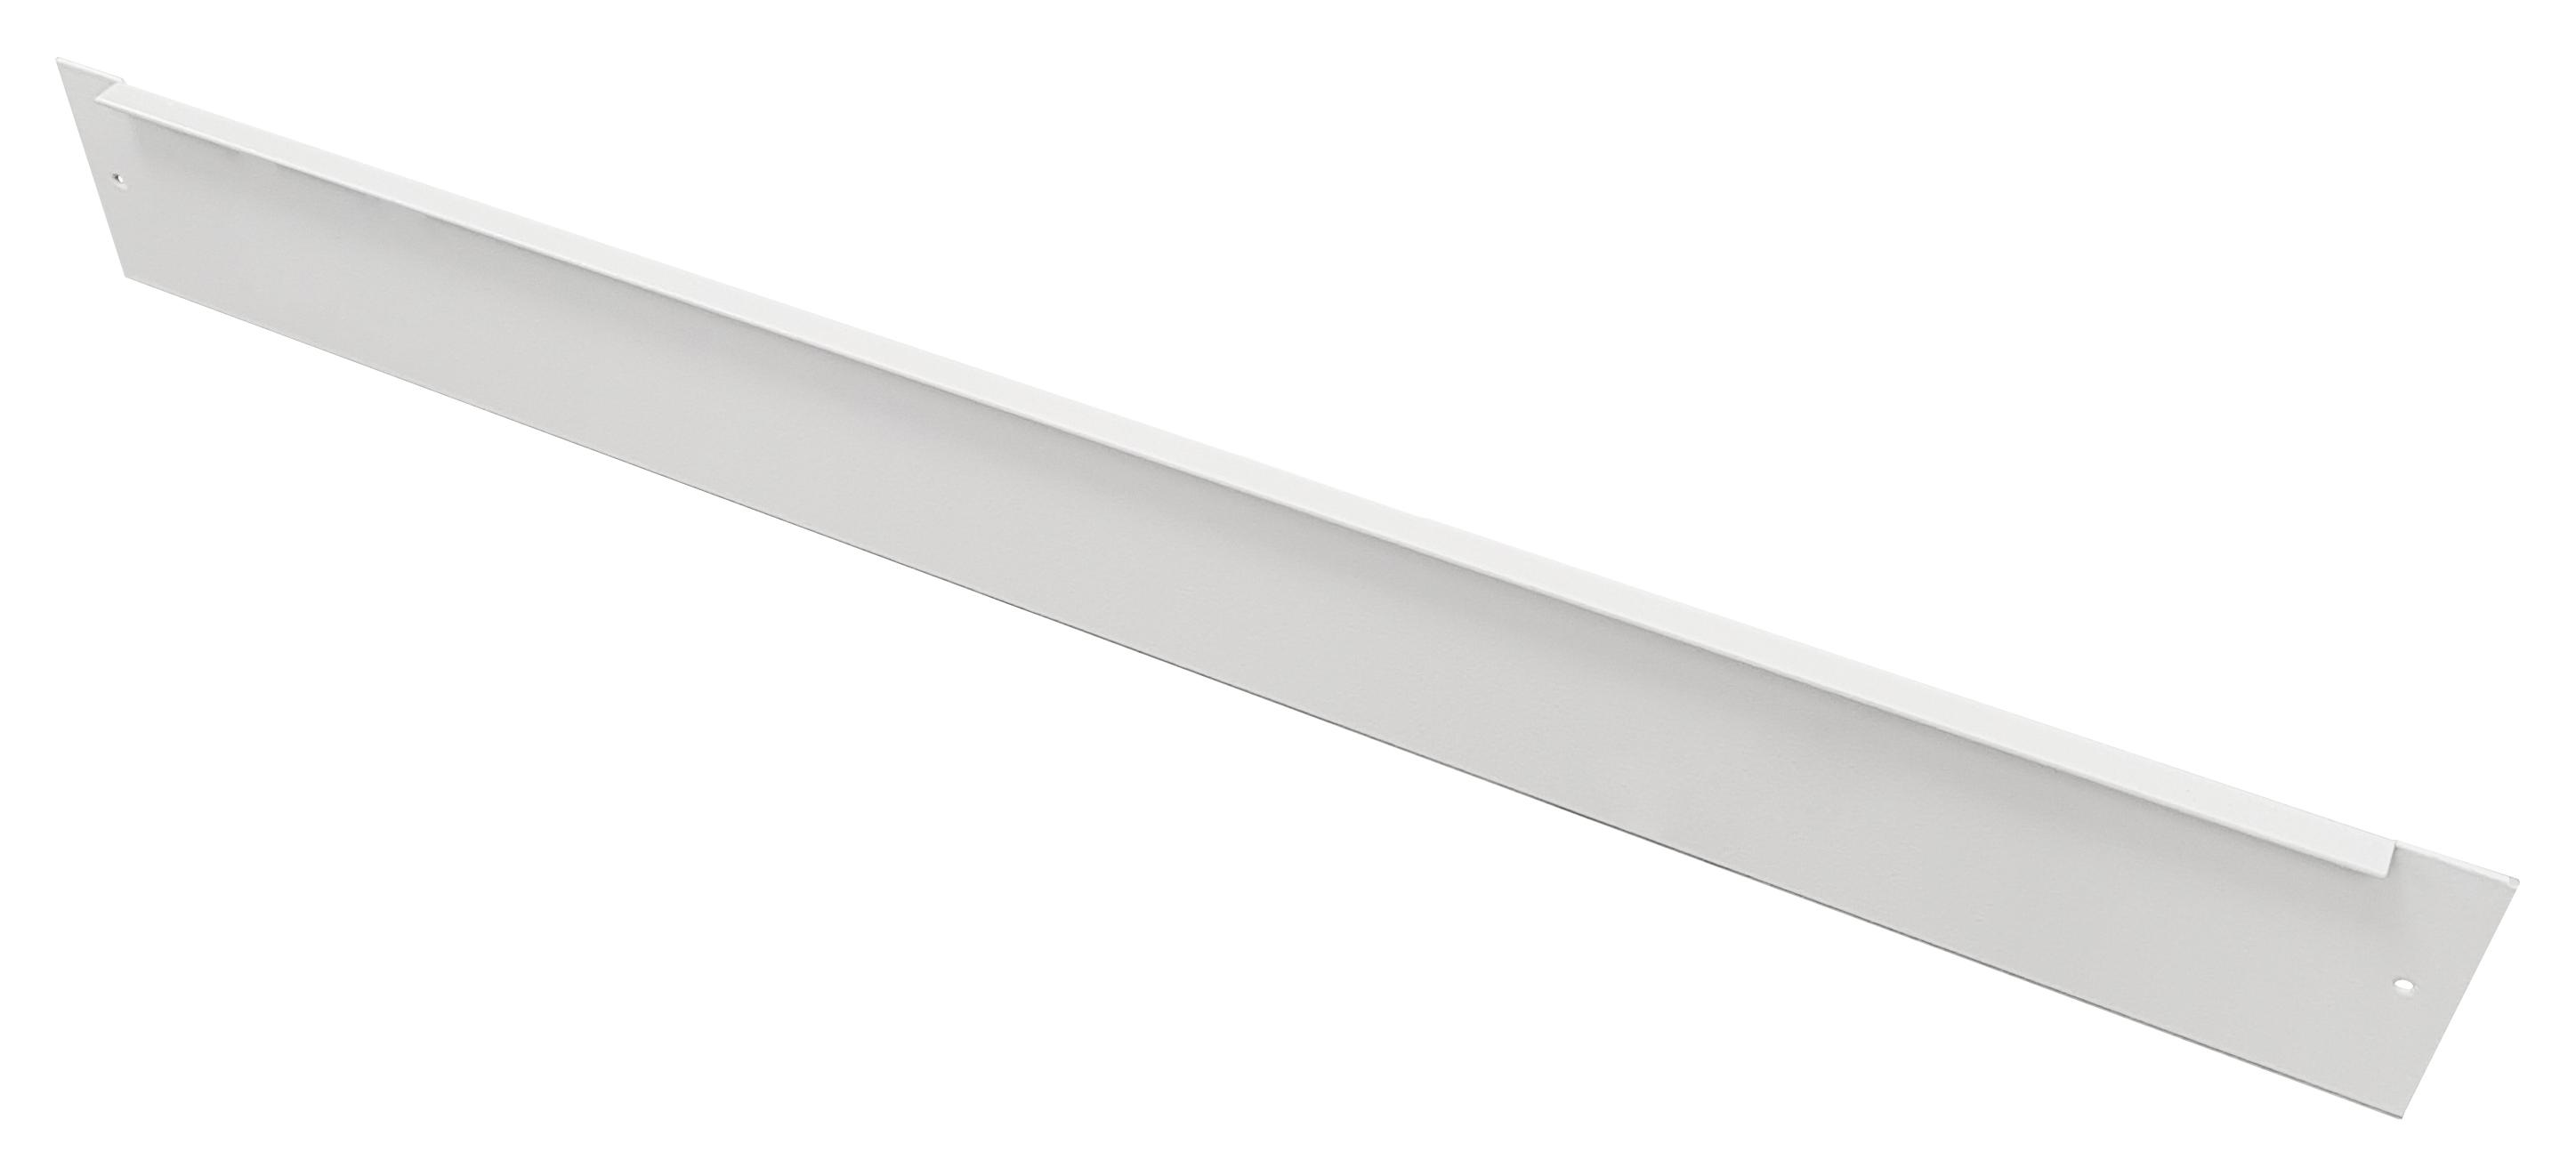 1 Stk Sockel-Frontrahmen für Maskenverteiler Breite 5 IL091050--